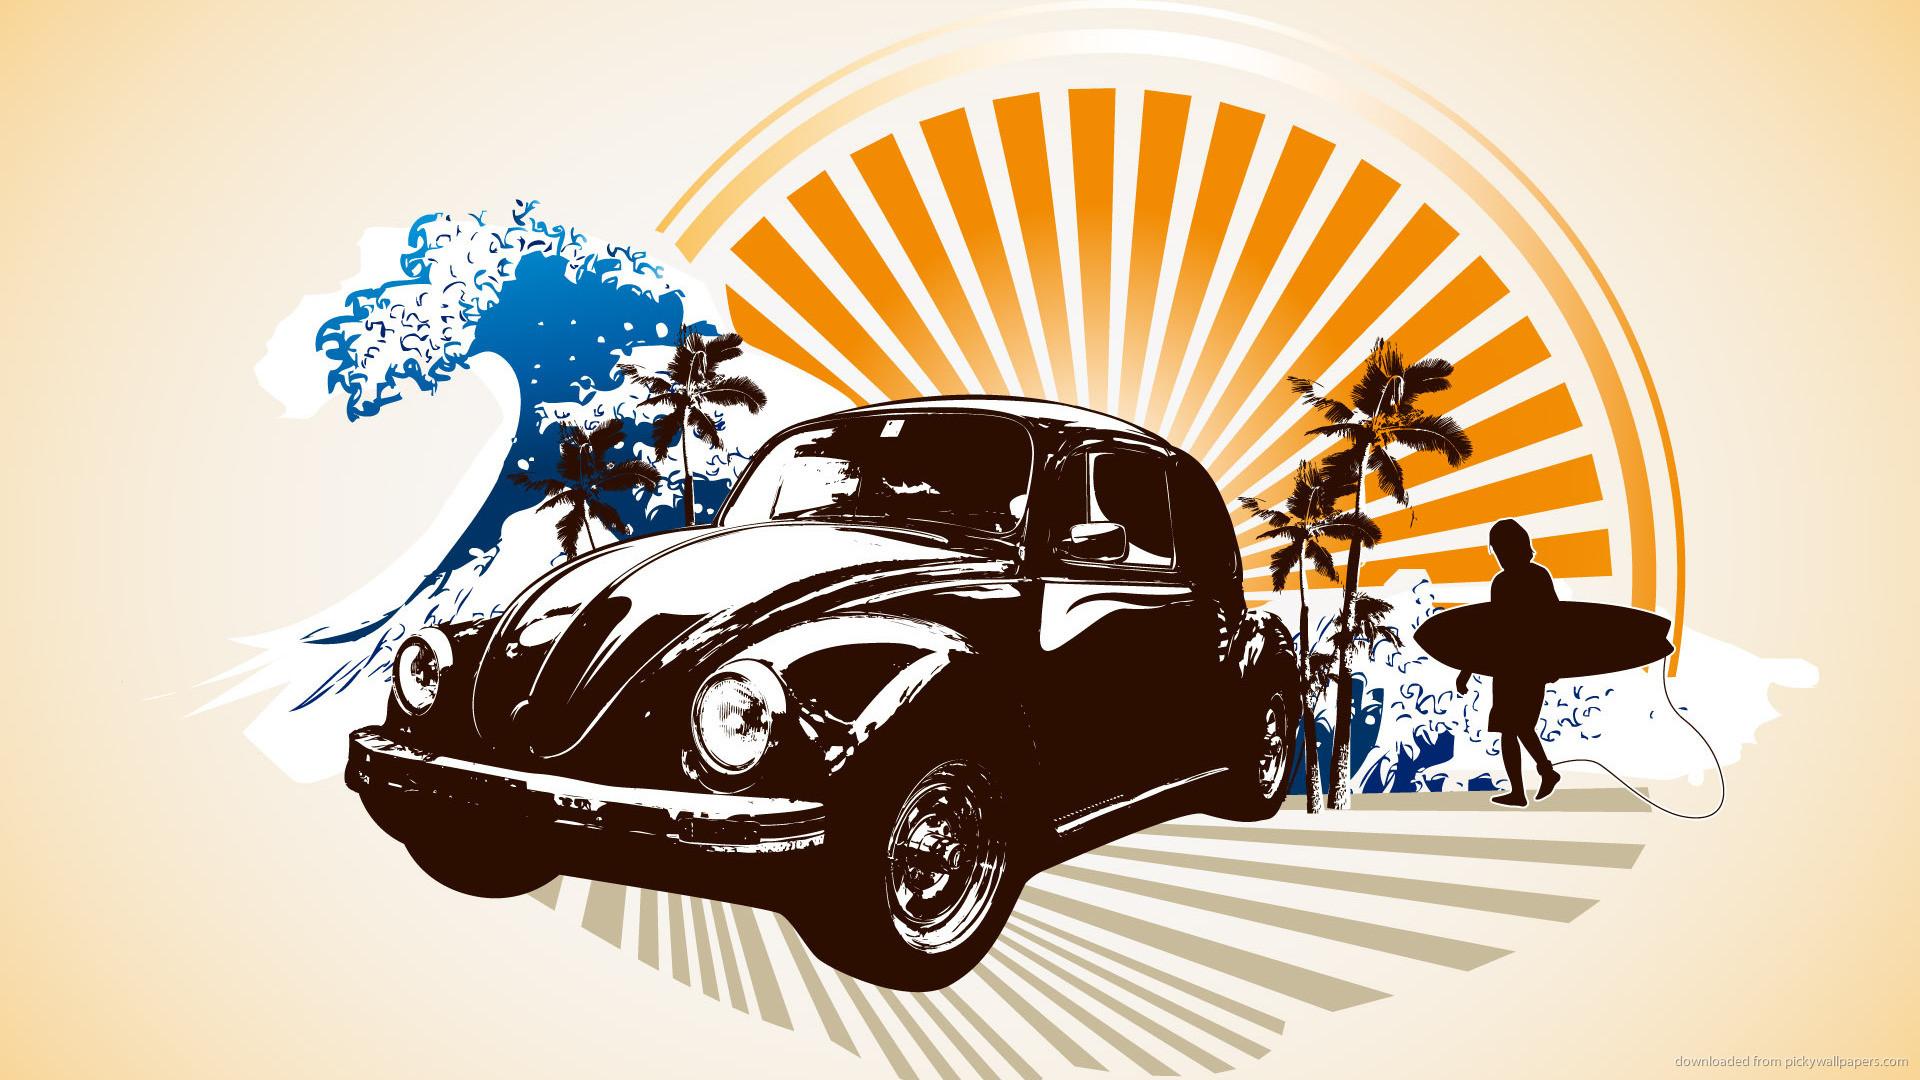 Volkswagen Beetle surfing art picture